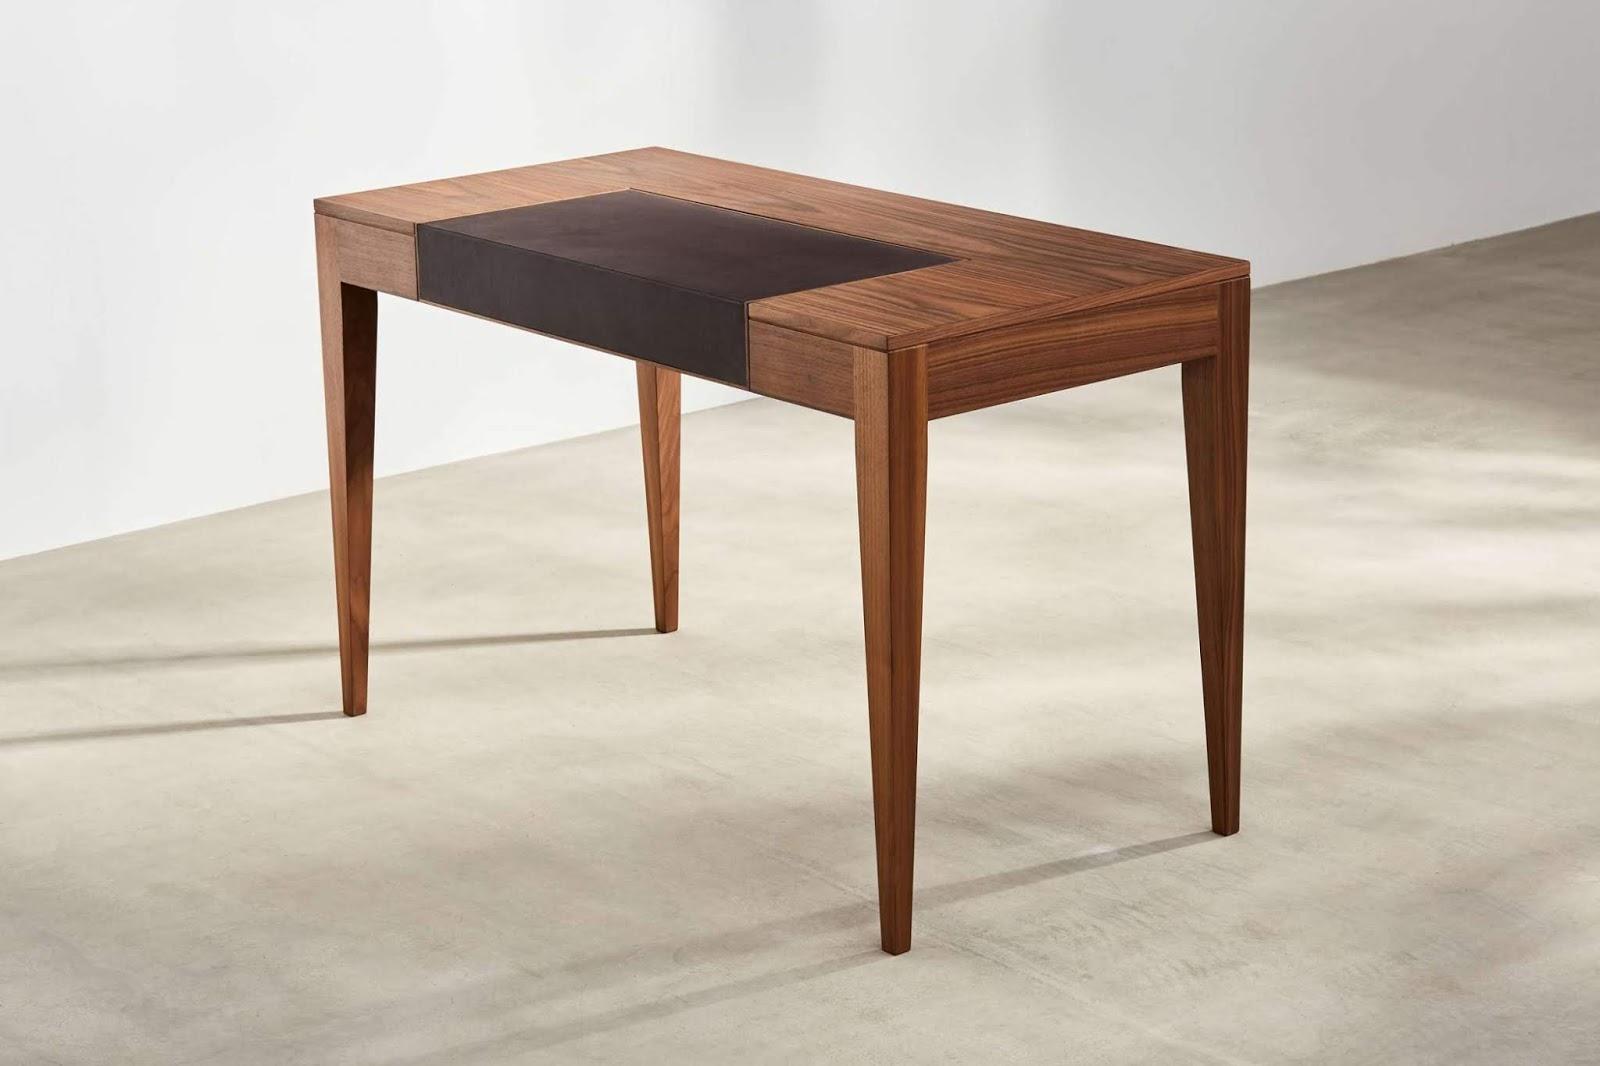 biurko, które się rozkłada